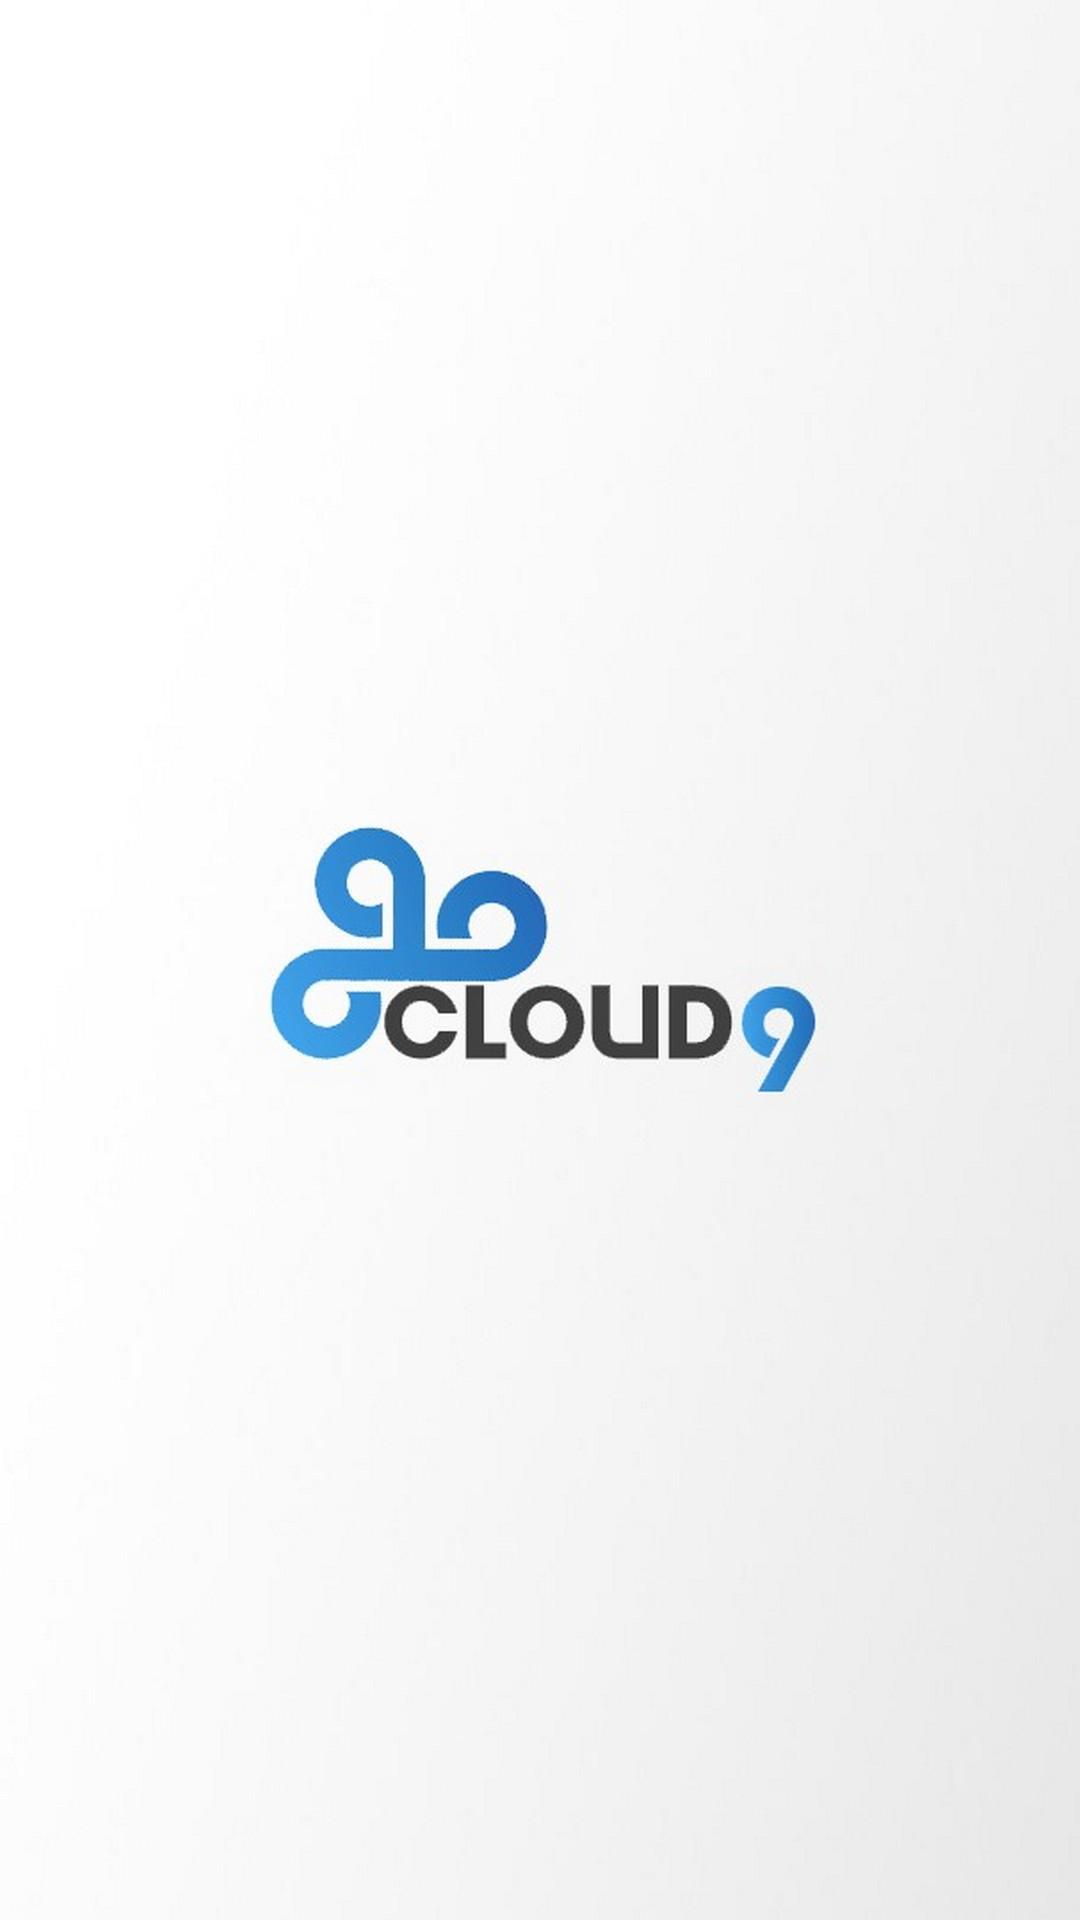 Wallpapers Cloud9